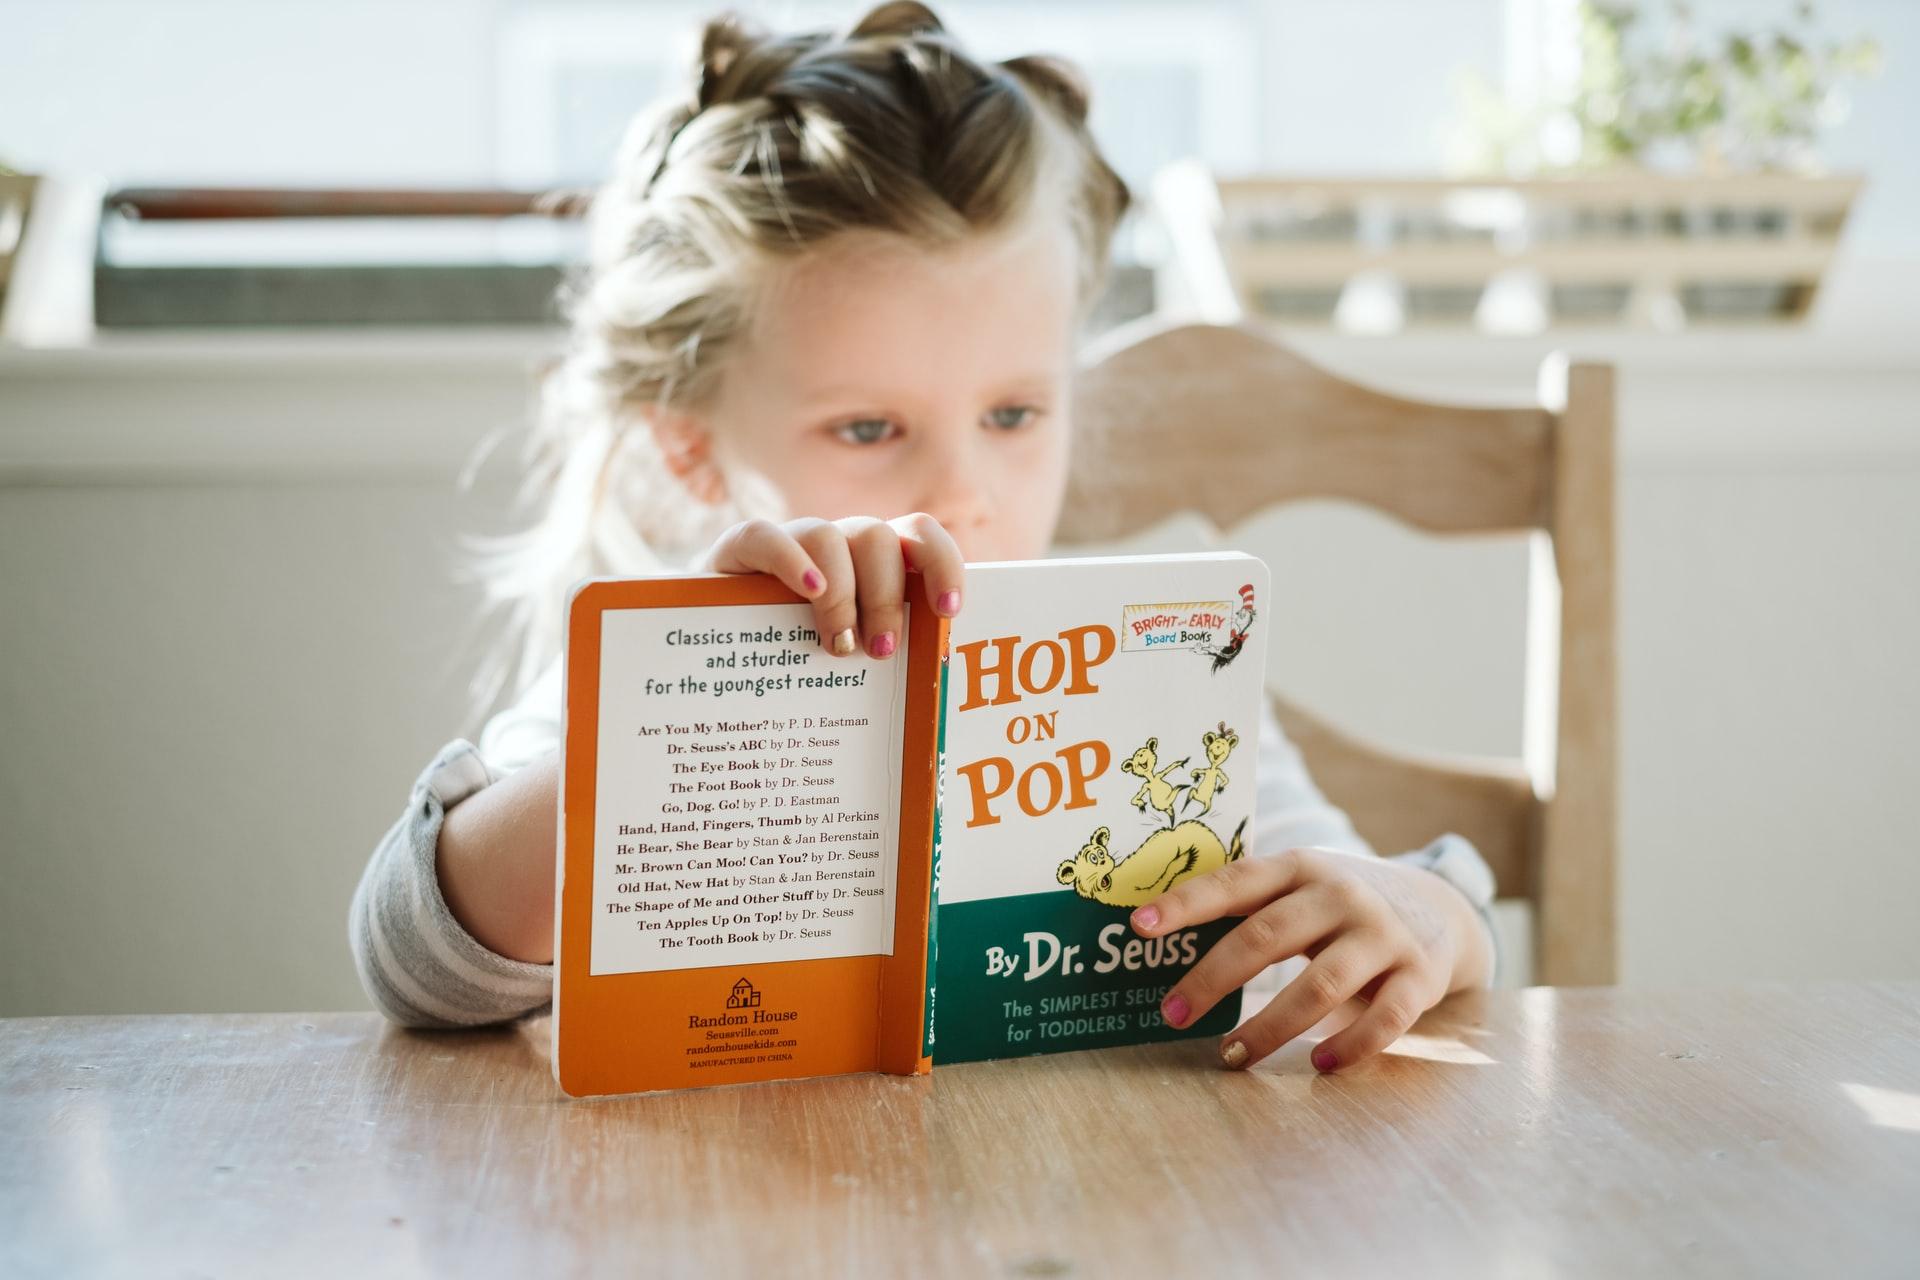 椅子に座って英語の本を読む女の子